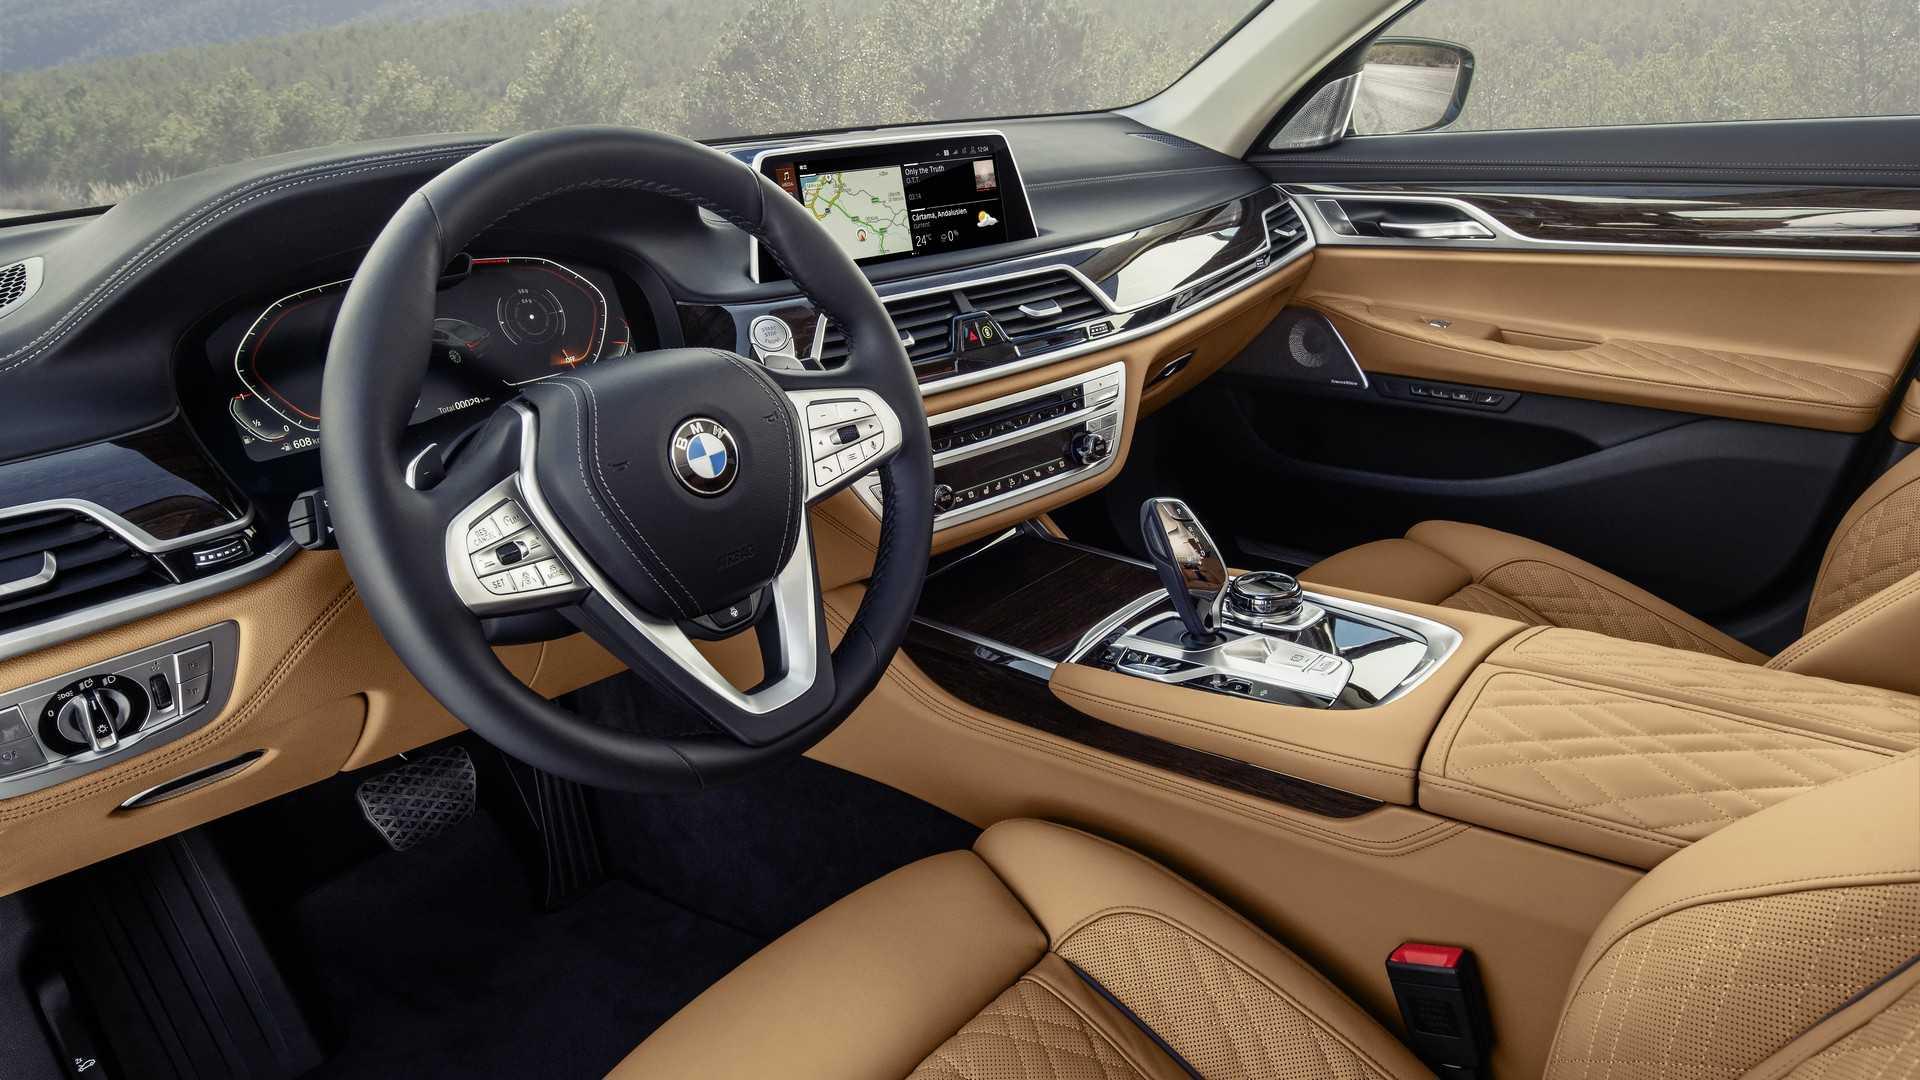 BMW 7 Series thế hệ mới sẽ có thêm bản chạy điện hoàn toàn - 0